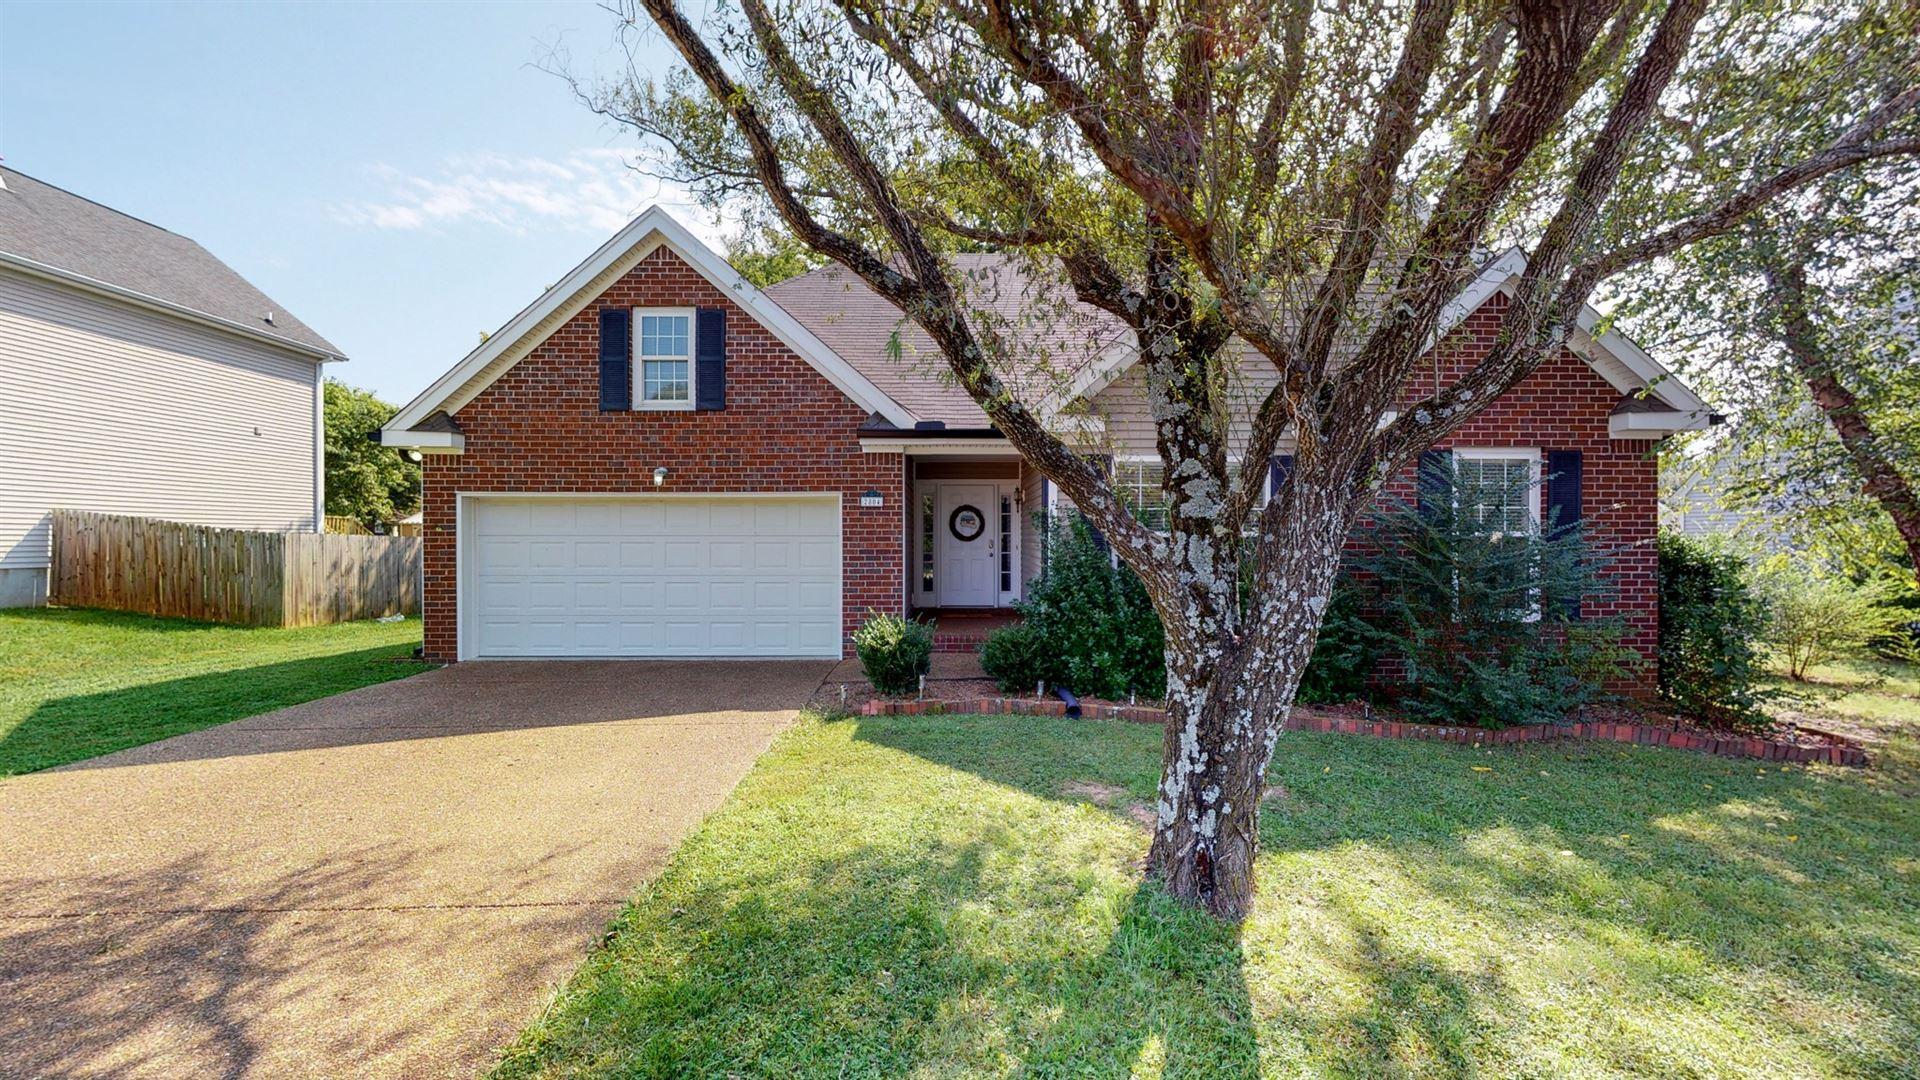 Photo of 2804 Rippavilla Way, Spring Hill, TN 37174 (MLS # 2290819)